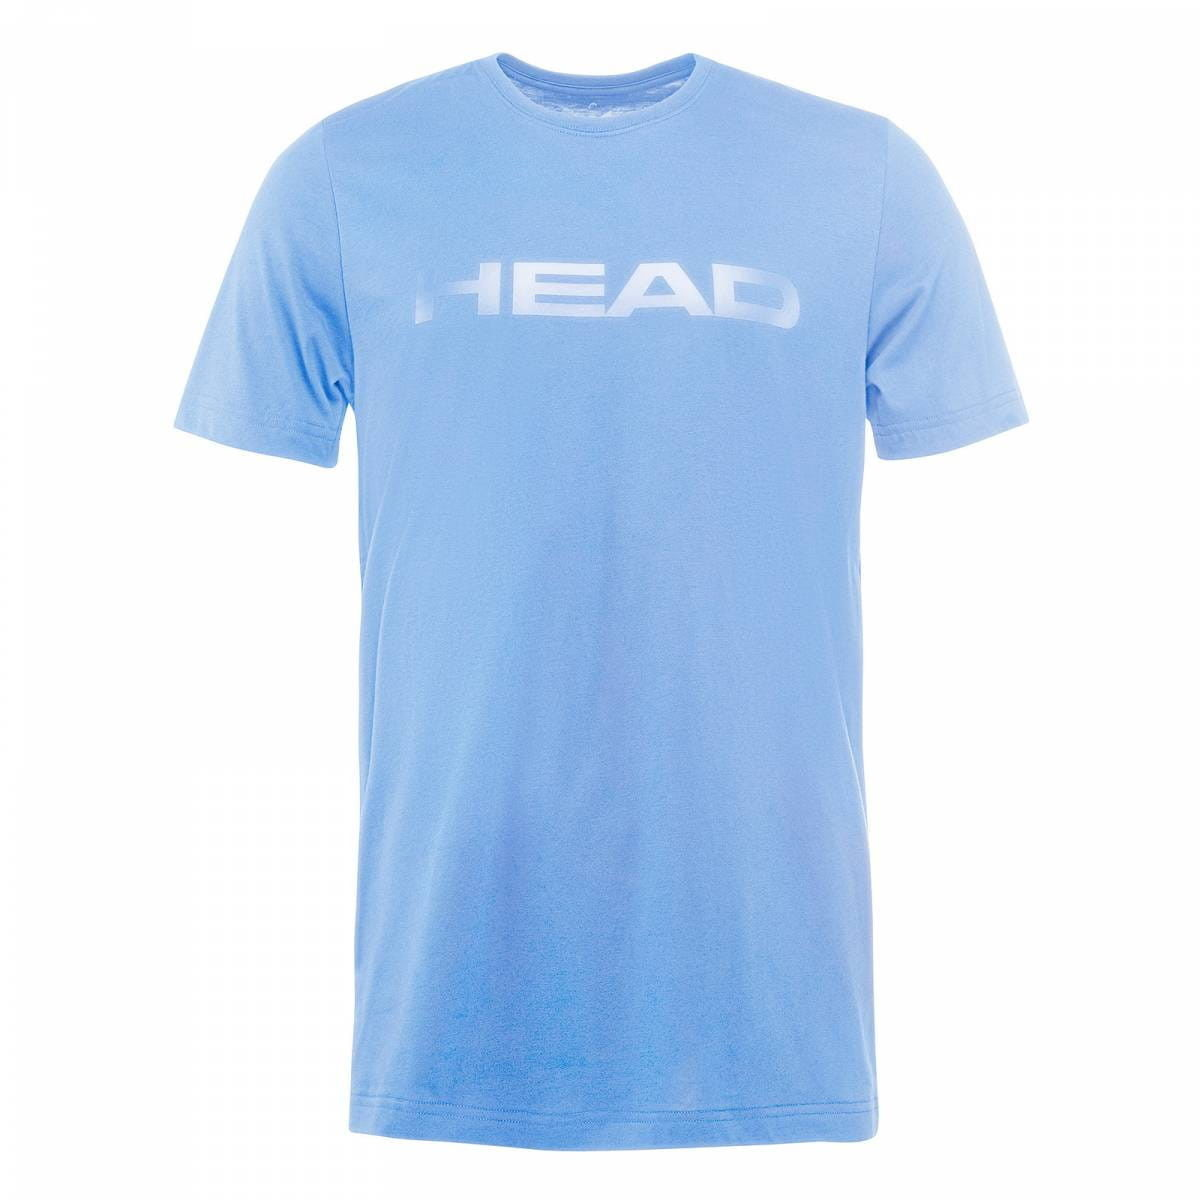 Head Charly T-Shirt Jr - sky blue